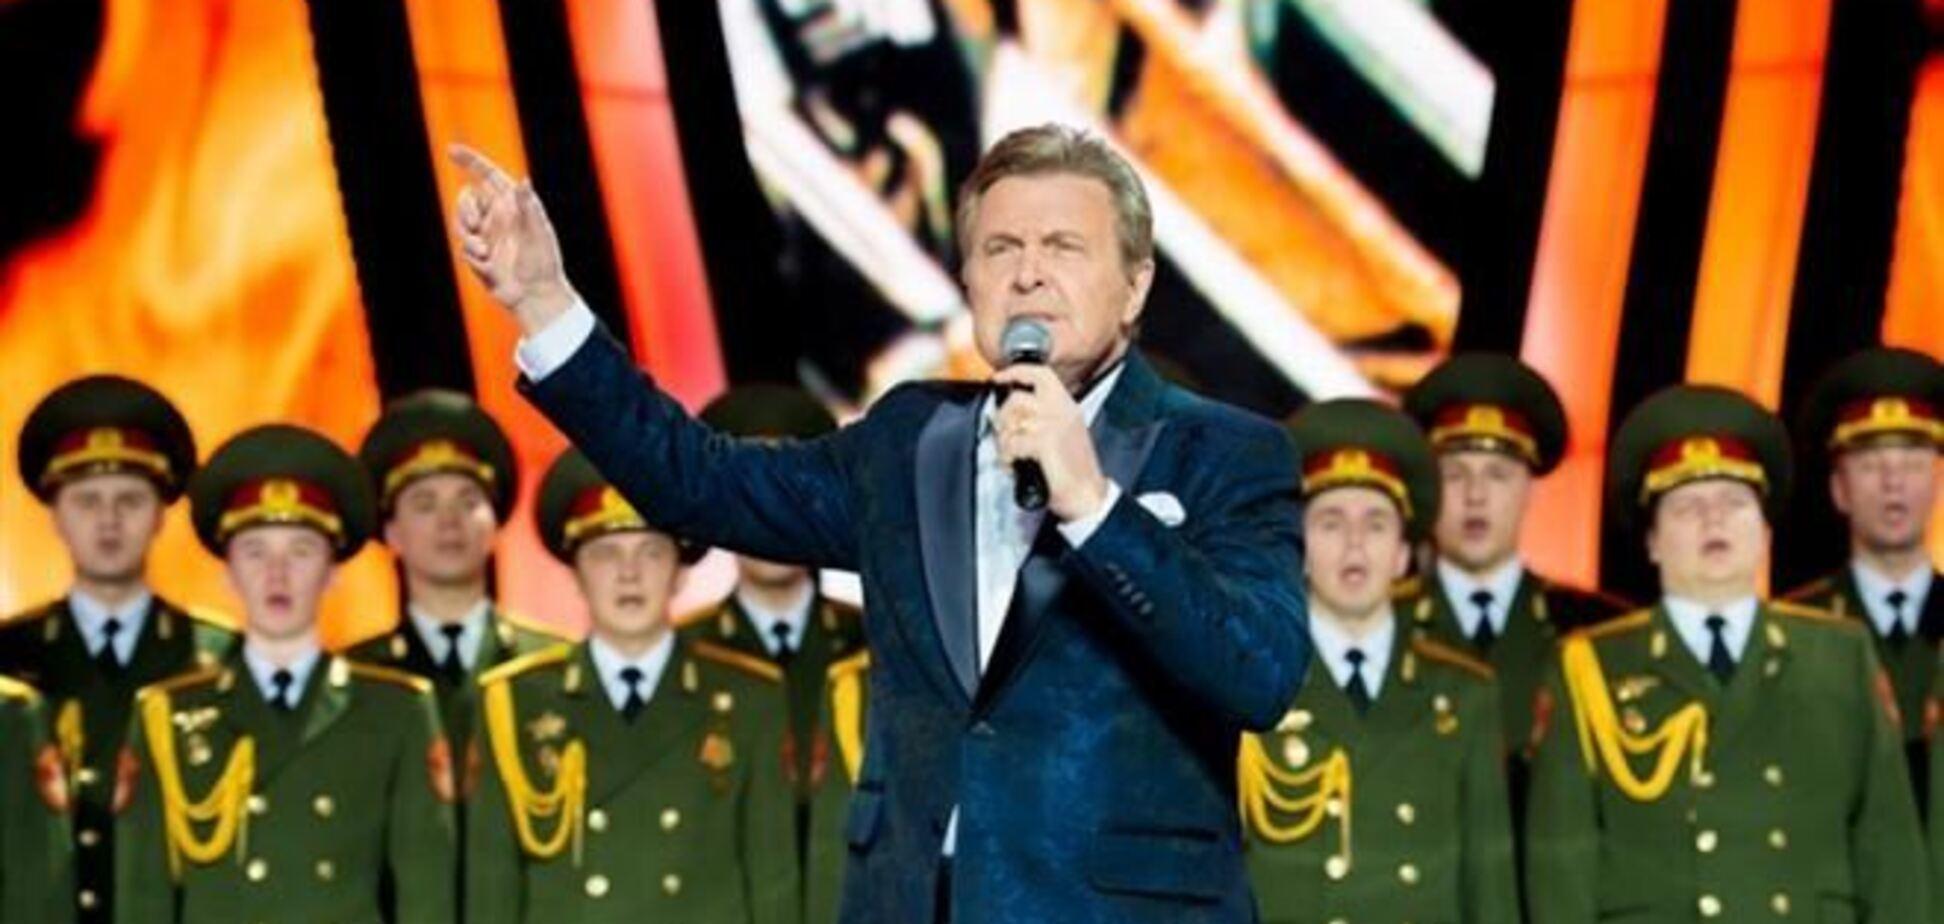 Деятели культуры РФ поддержали политику Путина по Украине и Крыму